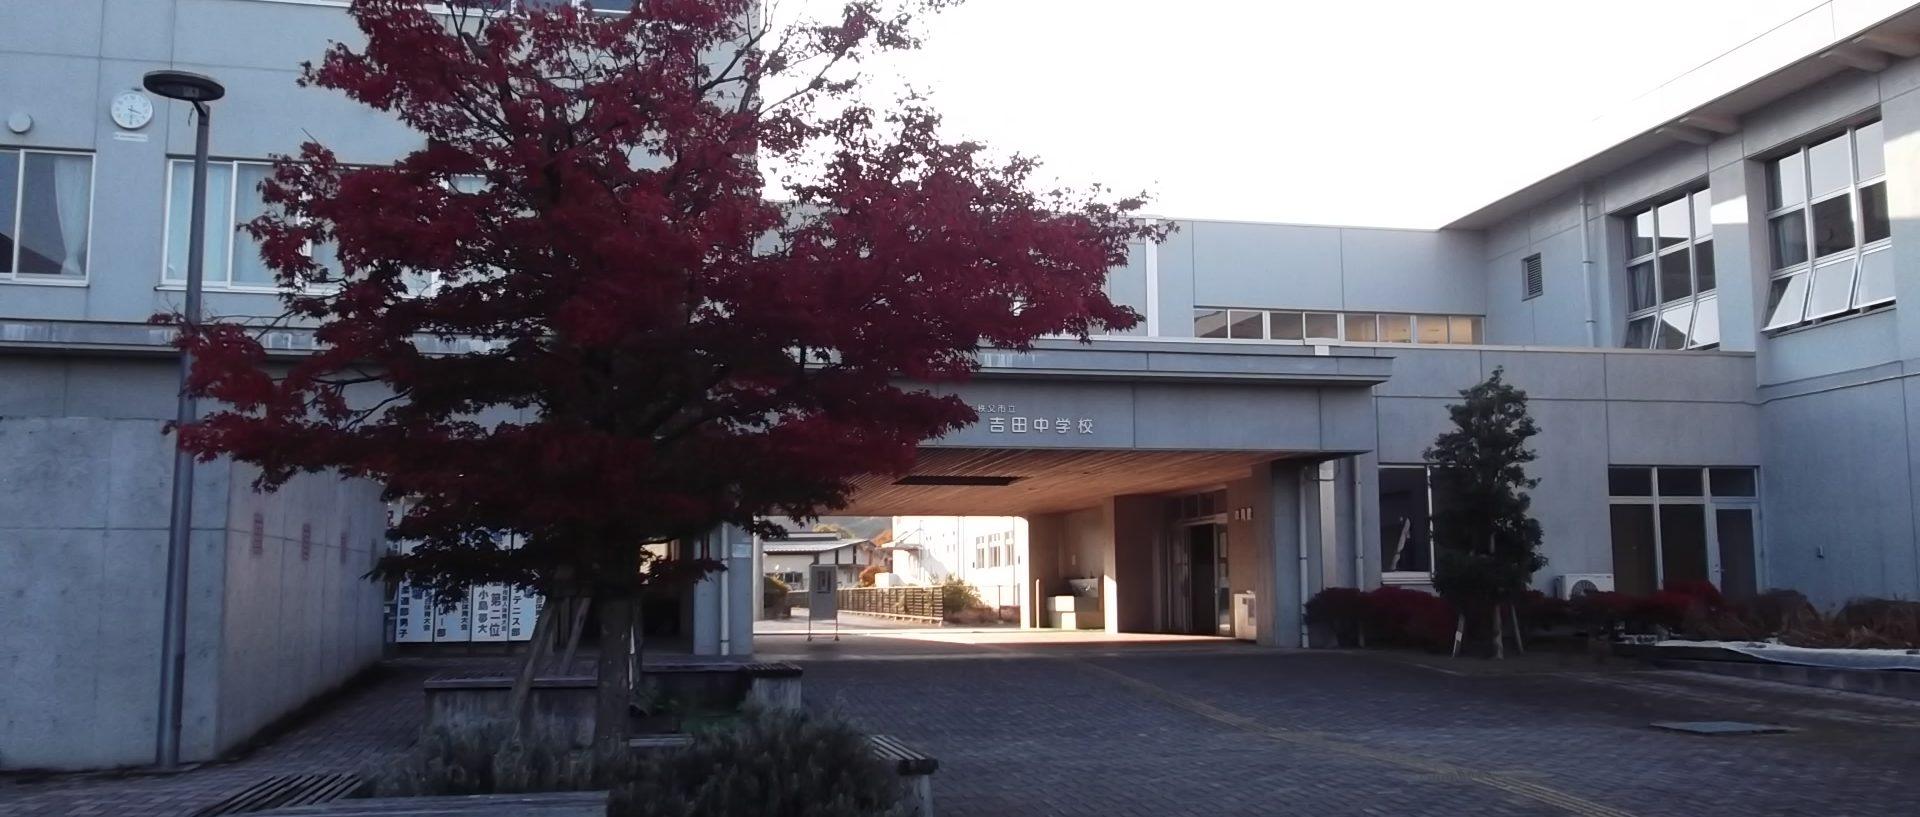 秩父市立吉田中学校 メインイメージ